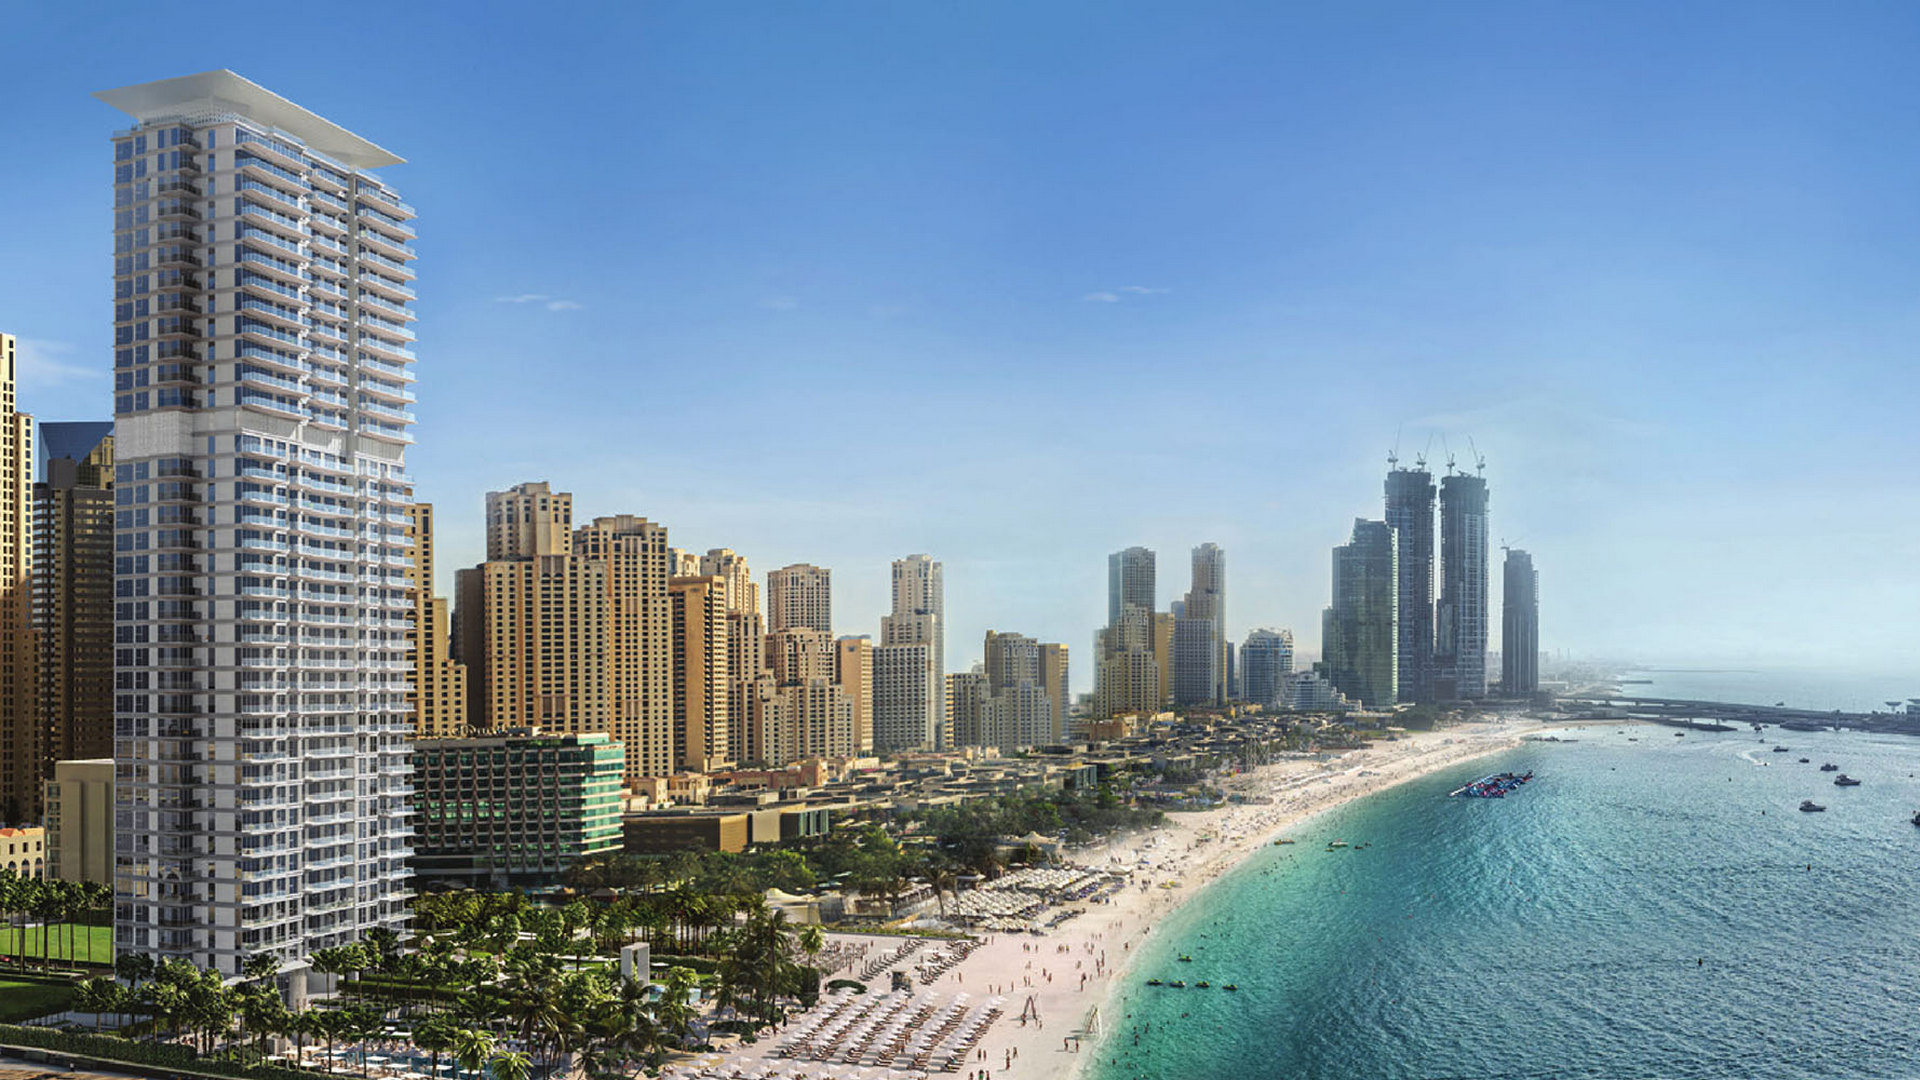 Apartamento en venta en Dubai, EAU, 2 dormitorios, 130 m2, № 24553 – foto 2